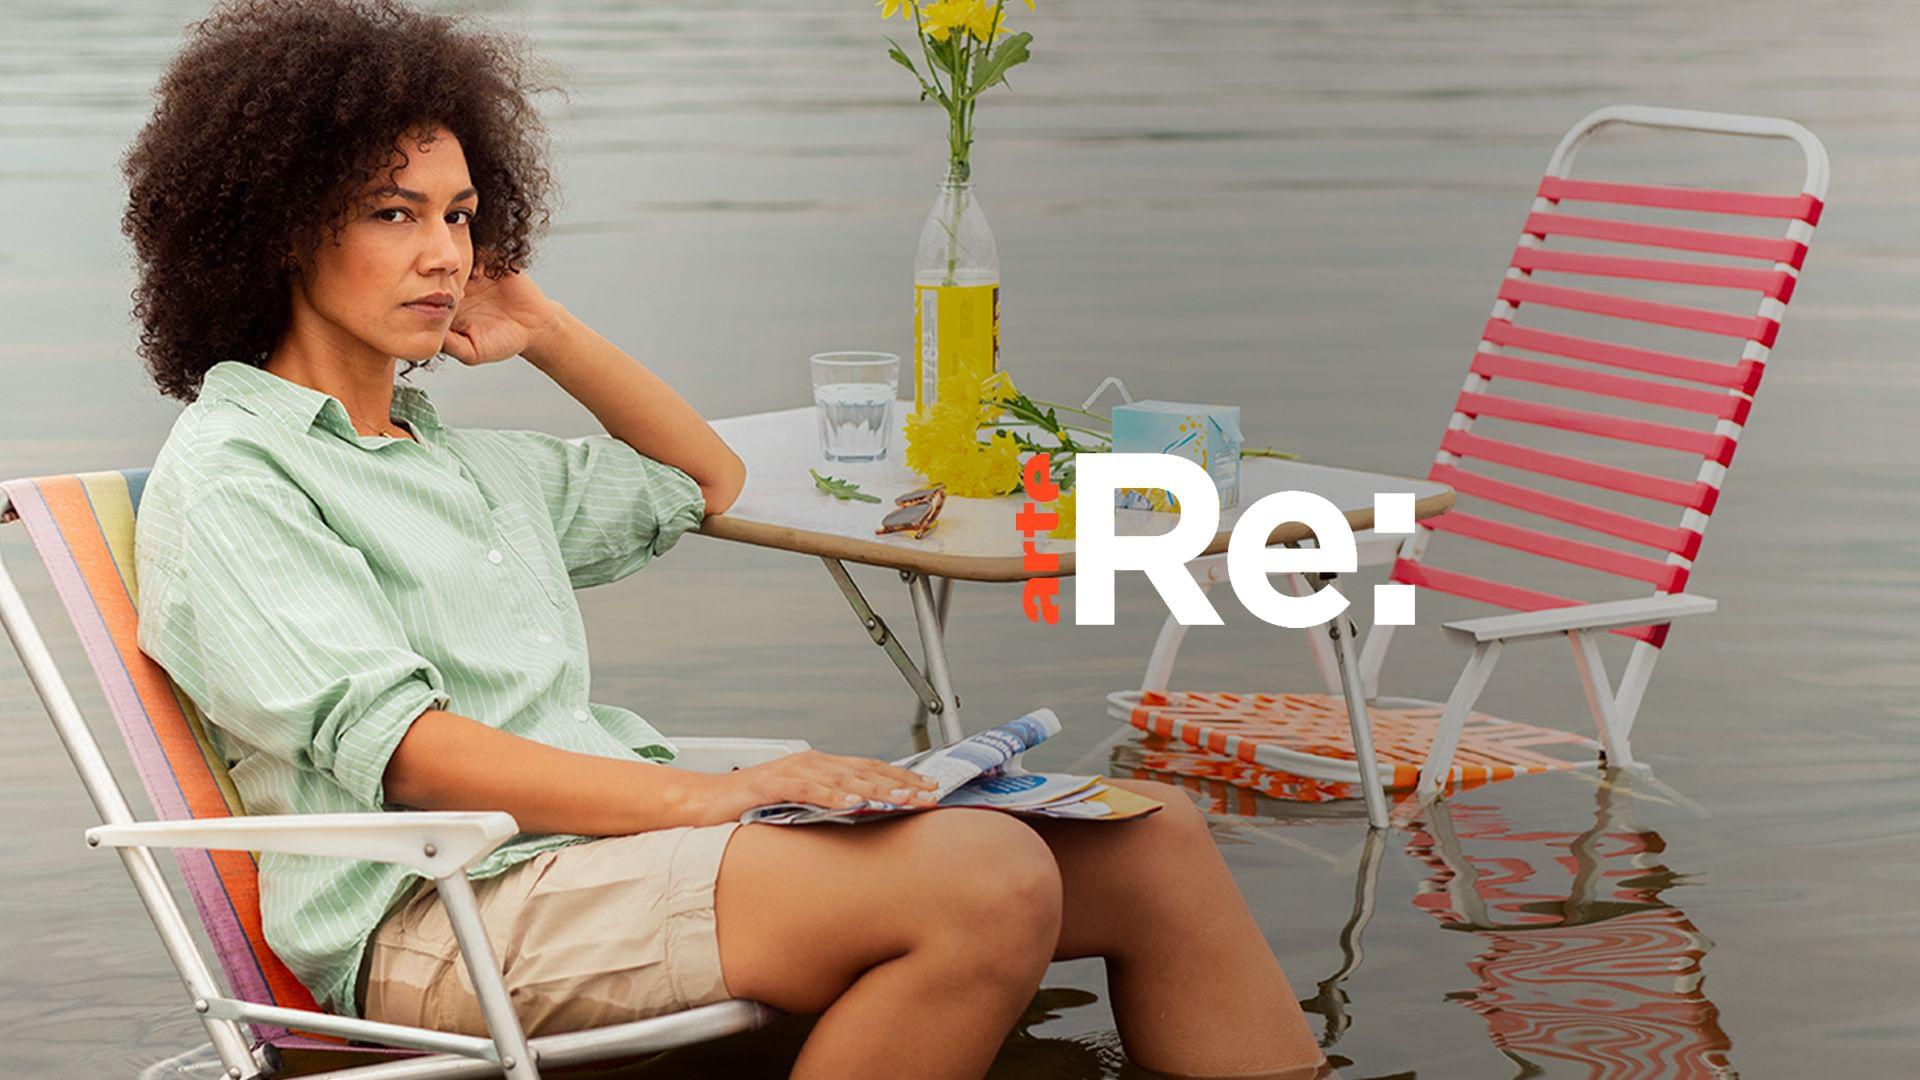 ARTE Re: